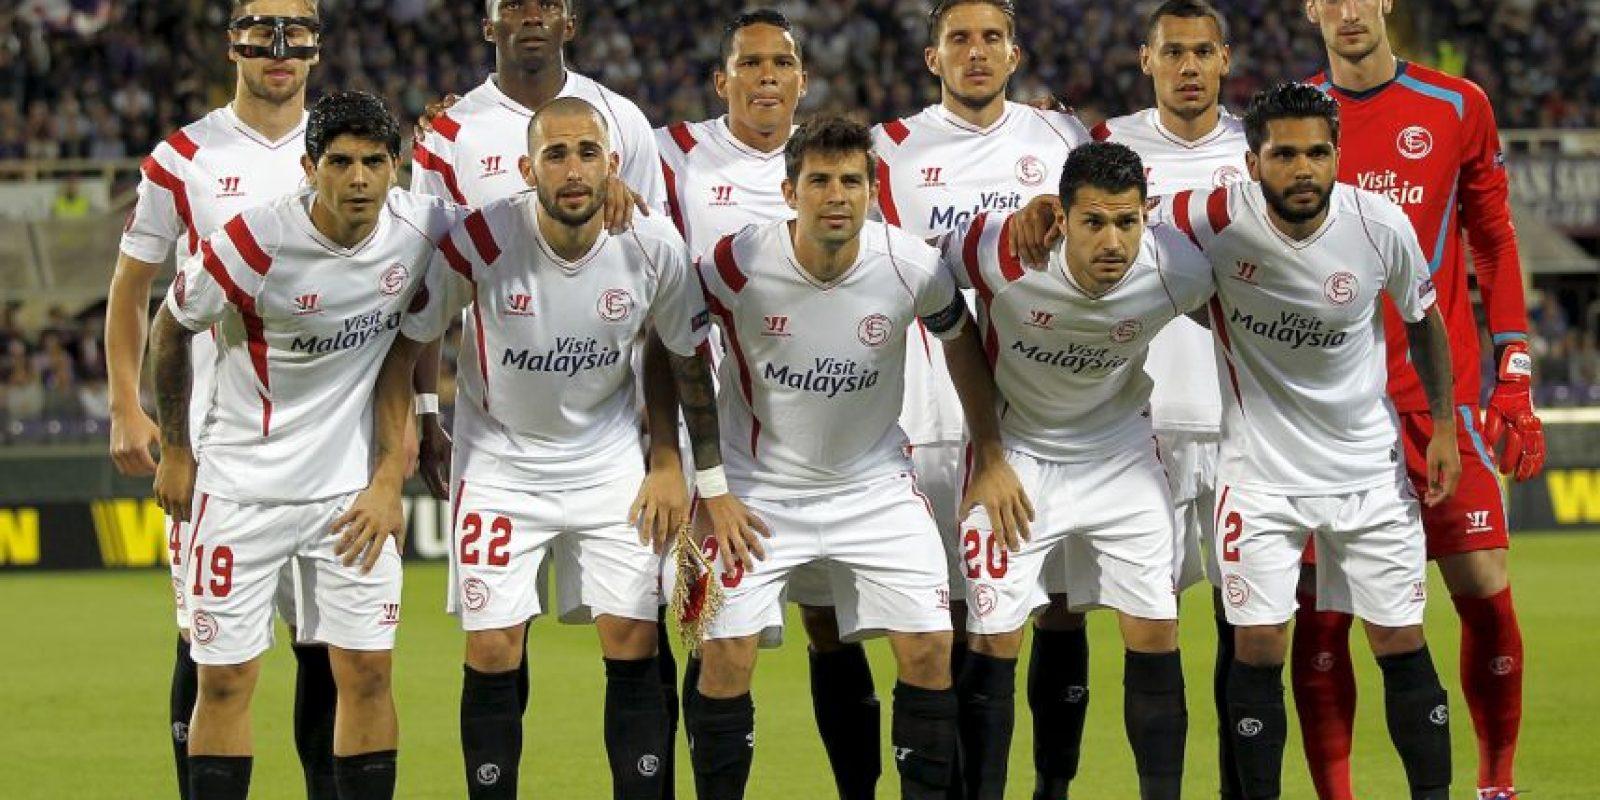 Buscan ser el primer equipo que gana el torneo en cuatro ocasiones, después de conseguirlo en 2006, 2007 y 2014 Foto:Getty Images